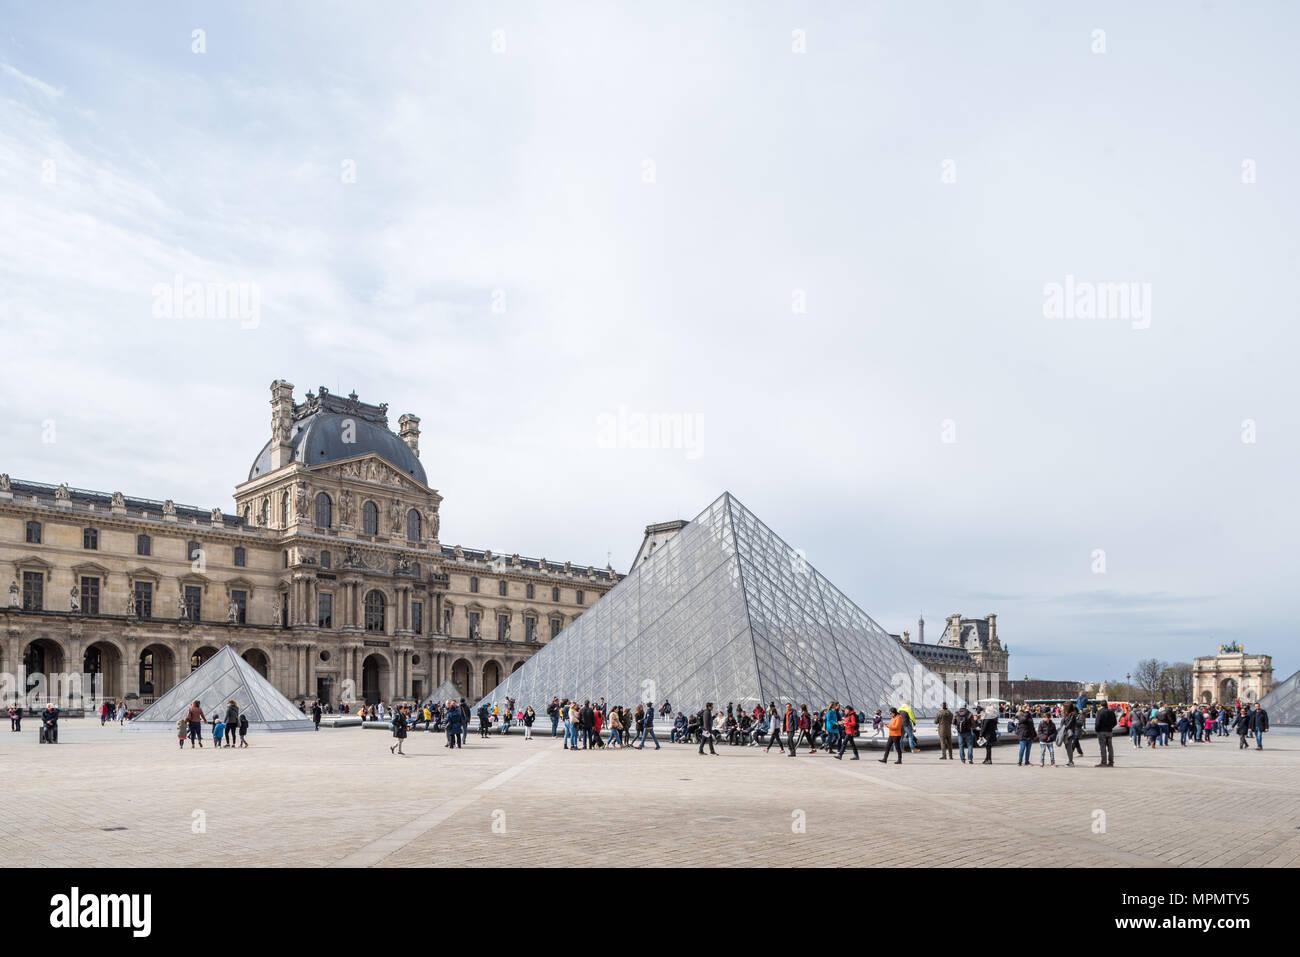 France, Paris - 2 April 2018: Pyramide du Louvre designed by I.M. Pei - Stock Image